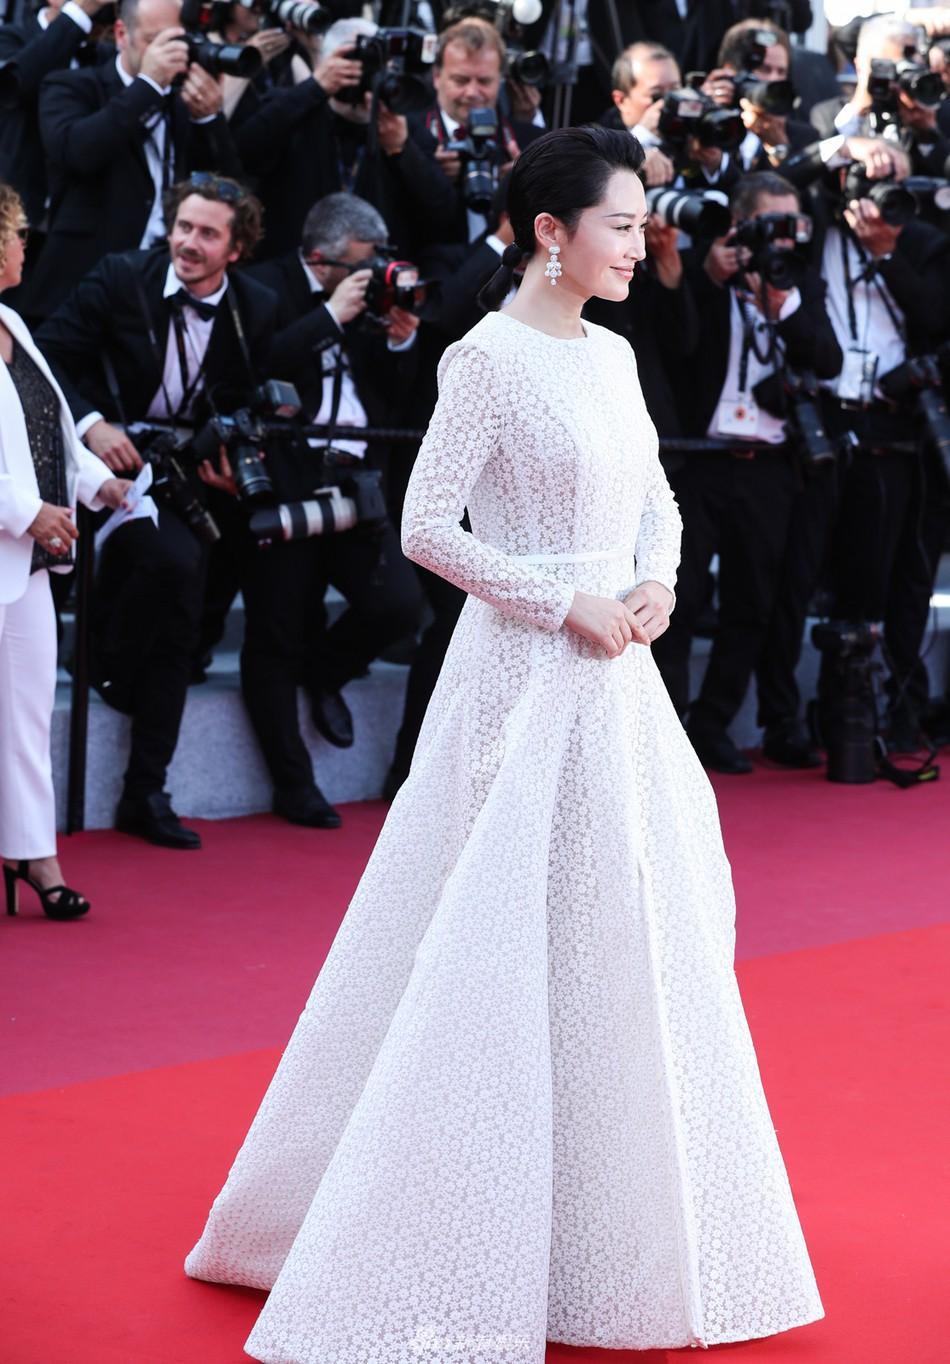 Chương Tử Di đẹp lộng lẫy không tì vết ngày bế mạc Cannes 2019 nhưng một người đẹp 50 tuổi khác cũng gây chú ý không kém  - Ảnh 4.